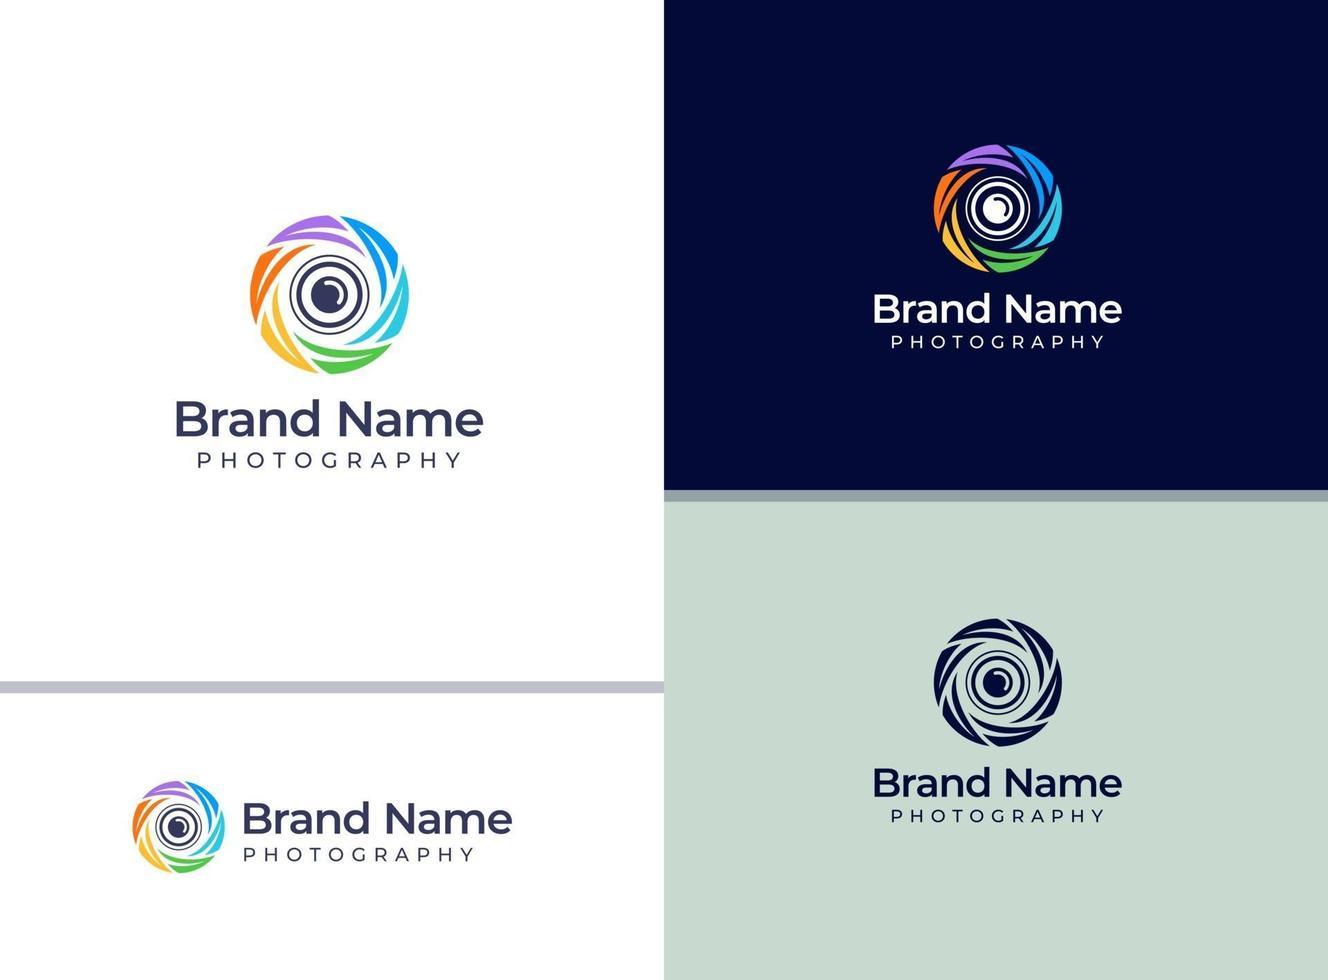 logotipo de câmera colorida criativa para estúdio fotográfico ou fotógrafo vetor